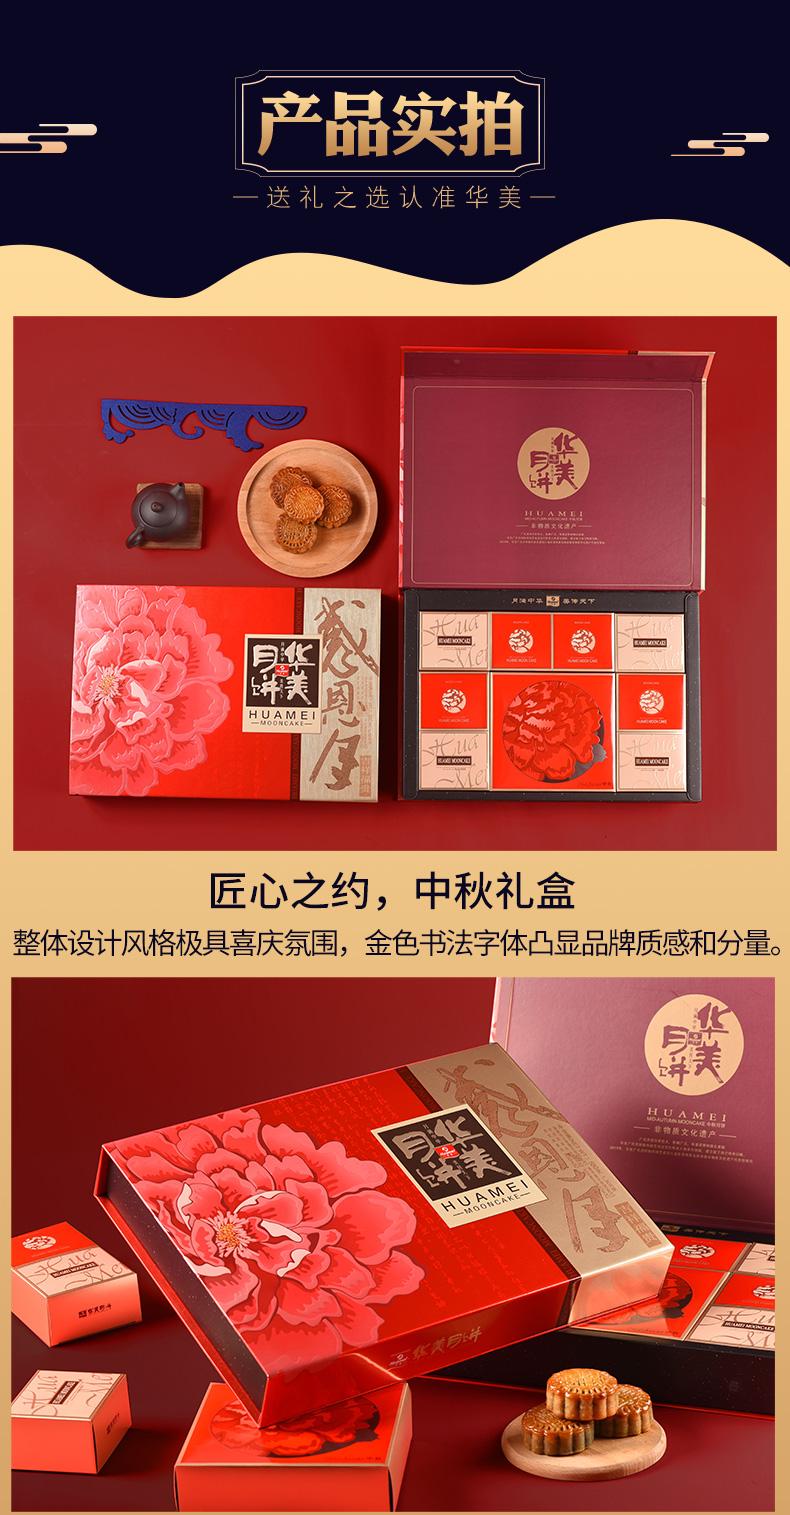 华美月饼 680g感恩月吉祥富贵(传统)月饼礼盒,郑州华美月饼总代理